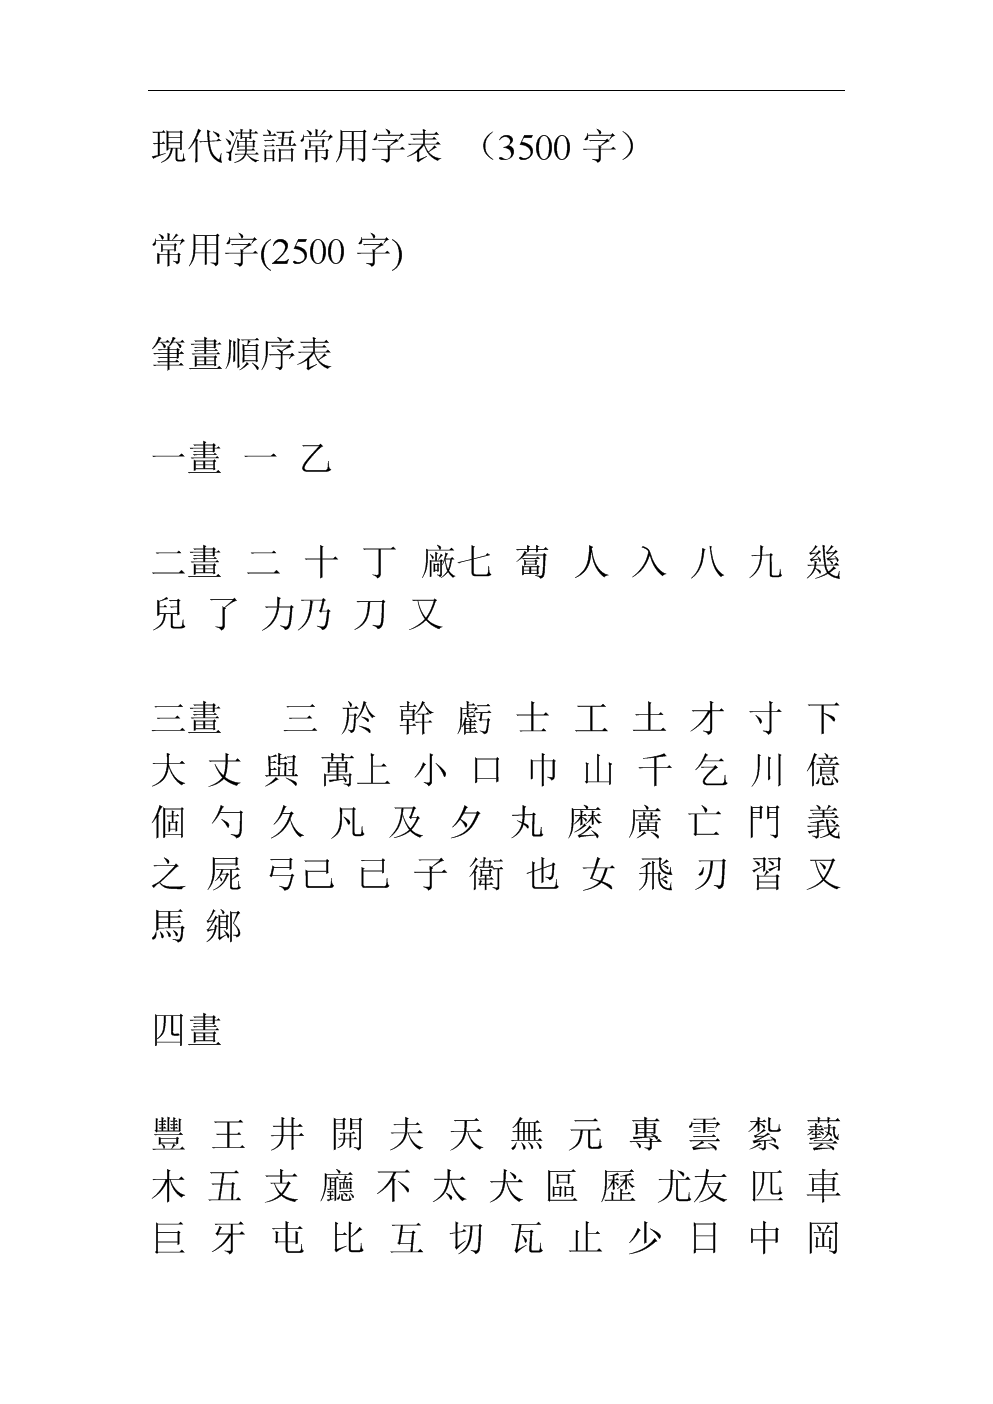 梁狠狠白酒创始人_2.该文档所得收入(下载 内容 预览三)归上传者,原创者. 3.